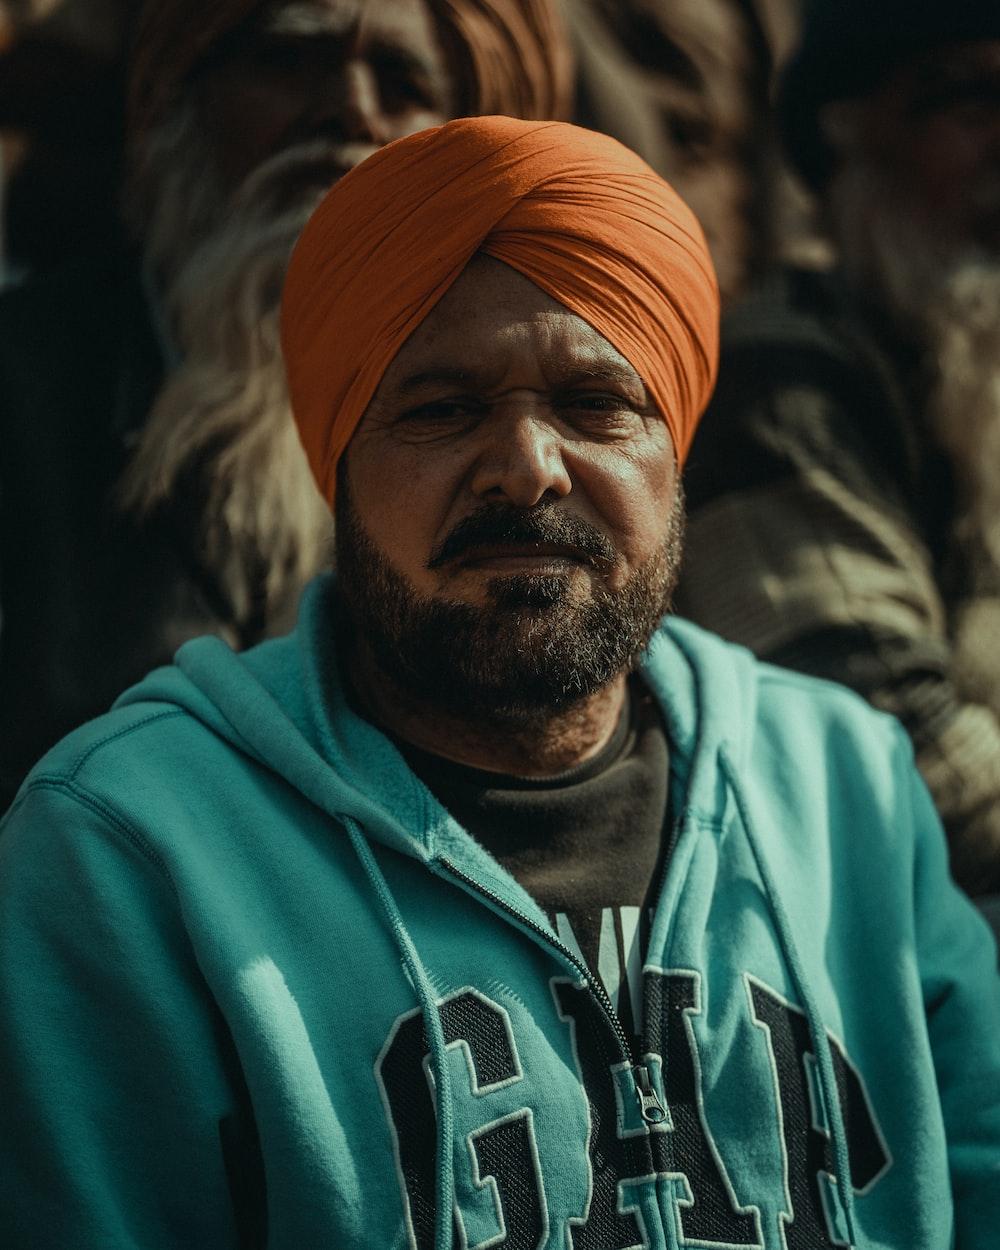 man in teal hoodie wearing orange knit cap